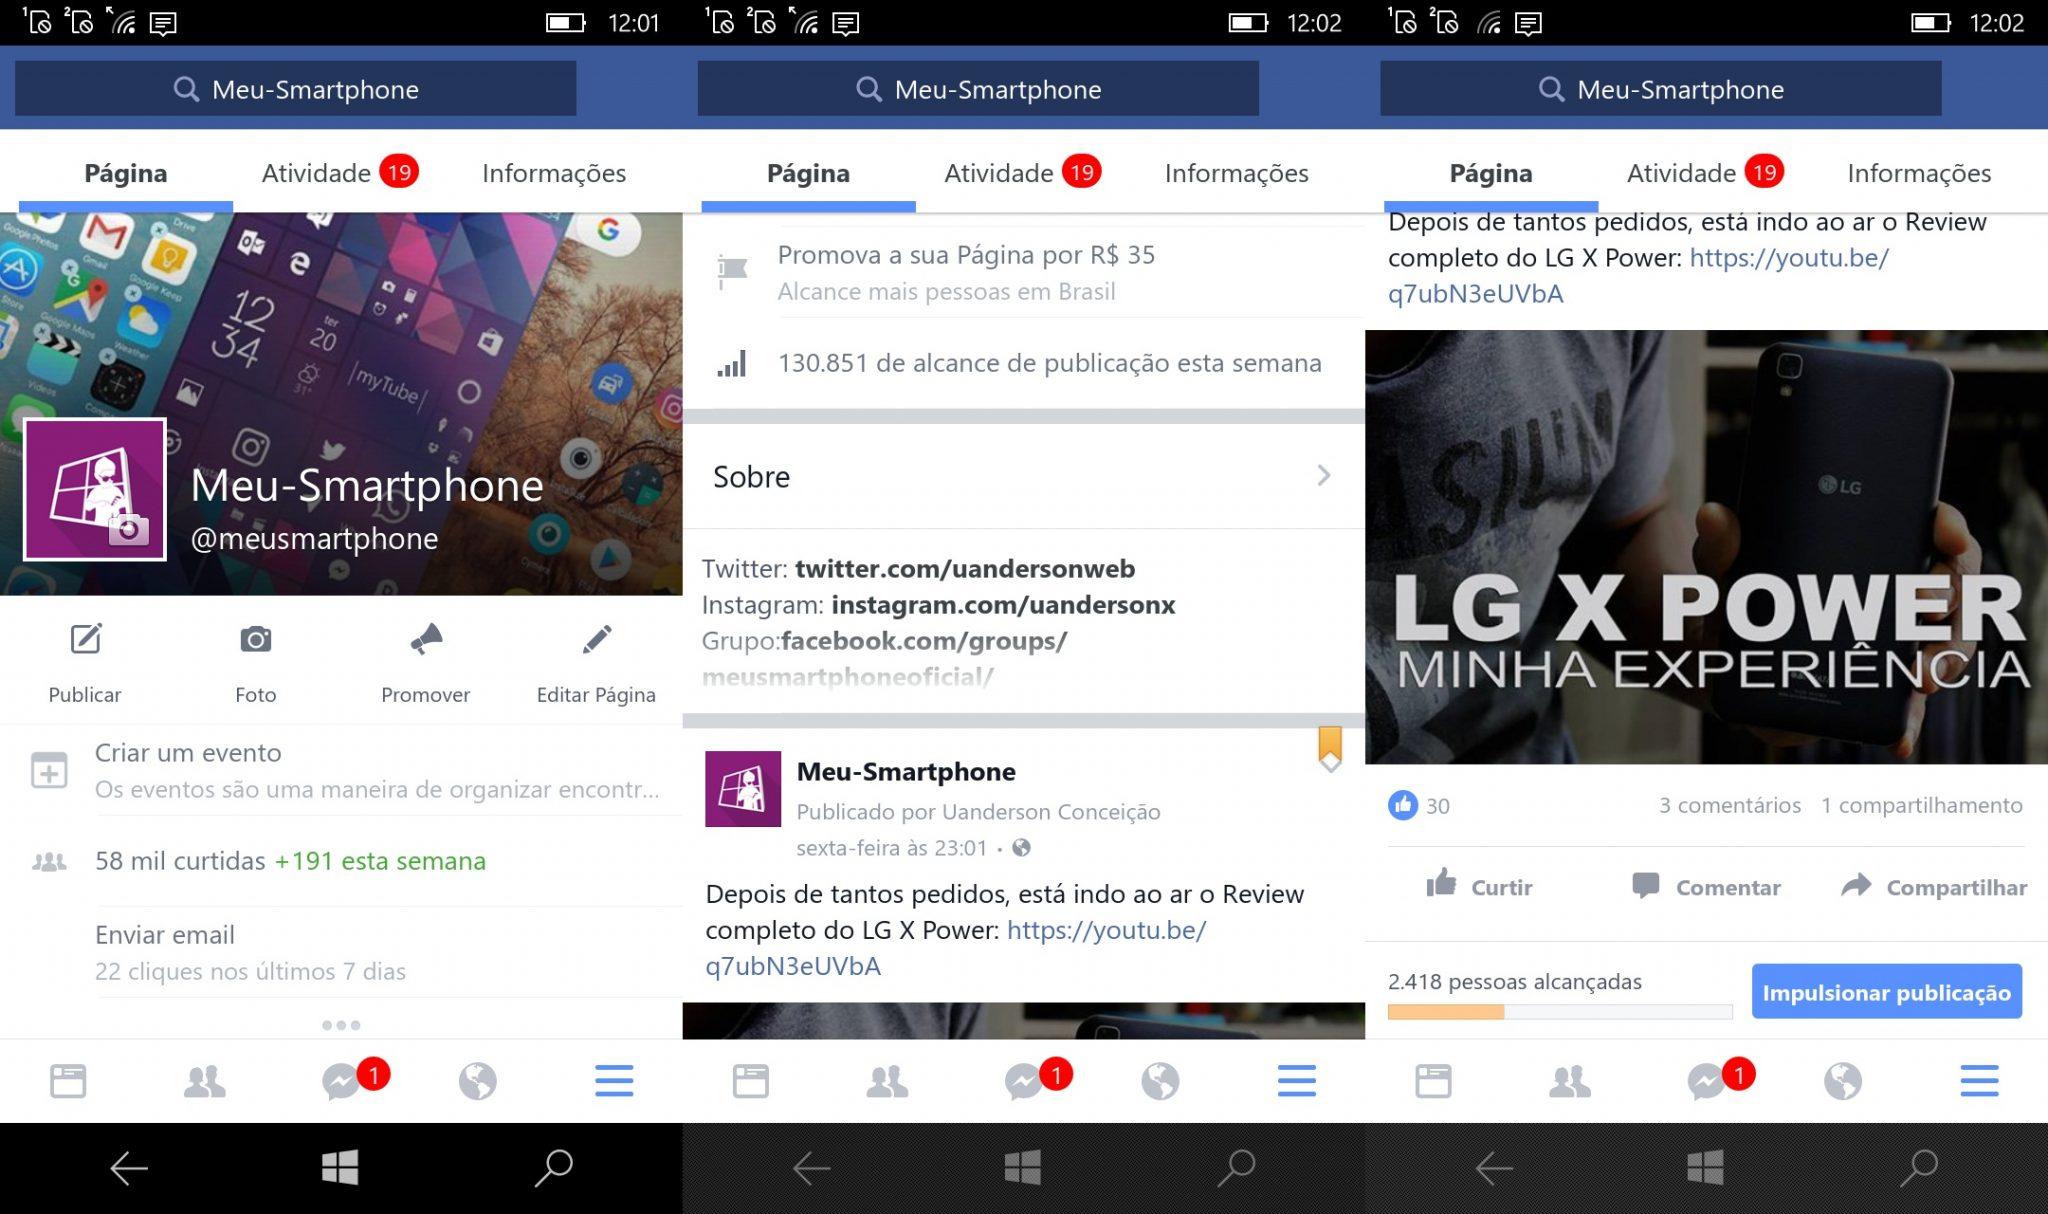 comparativo-facebook-20